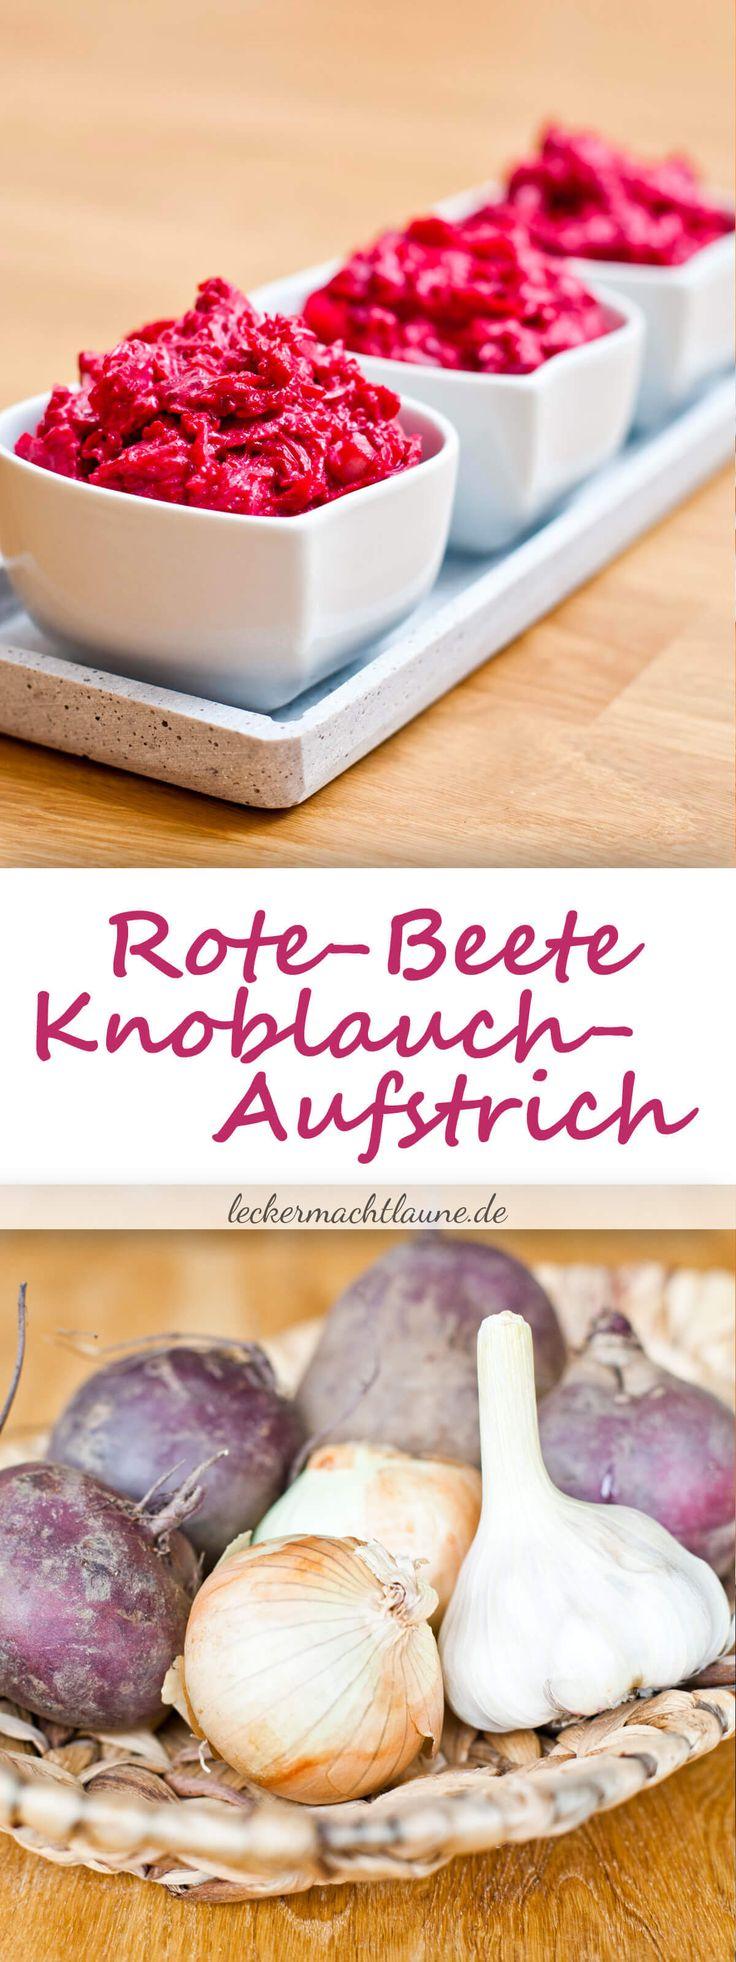 Rote-Beete-Knoblauch-Aufstrich